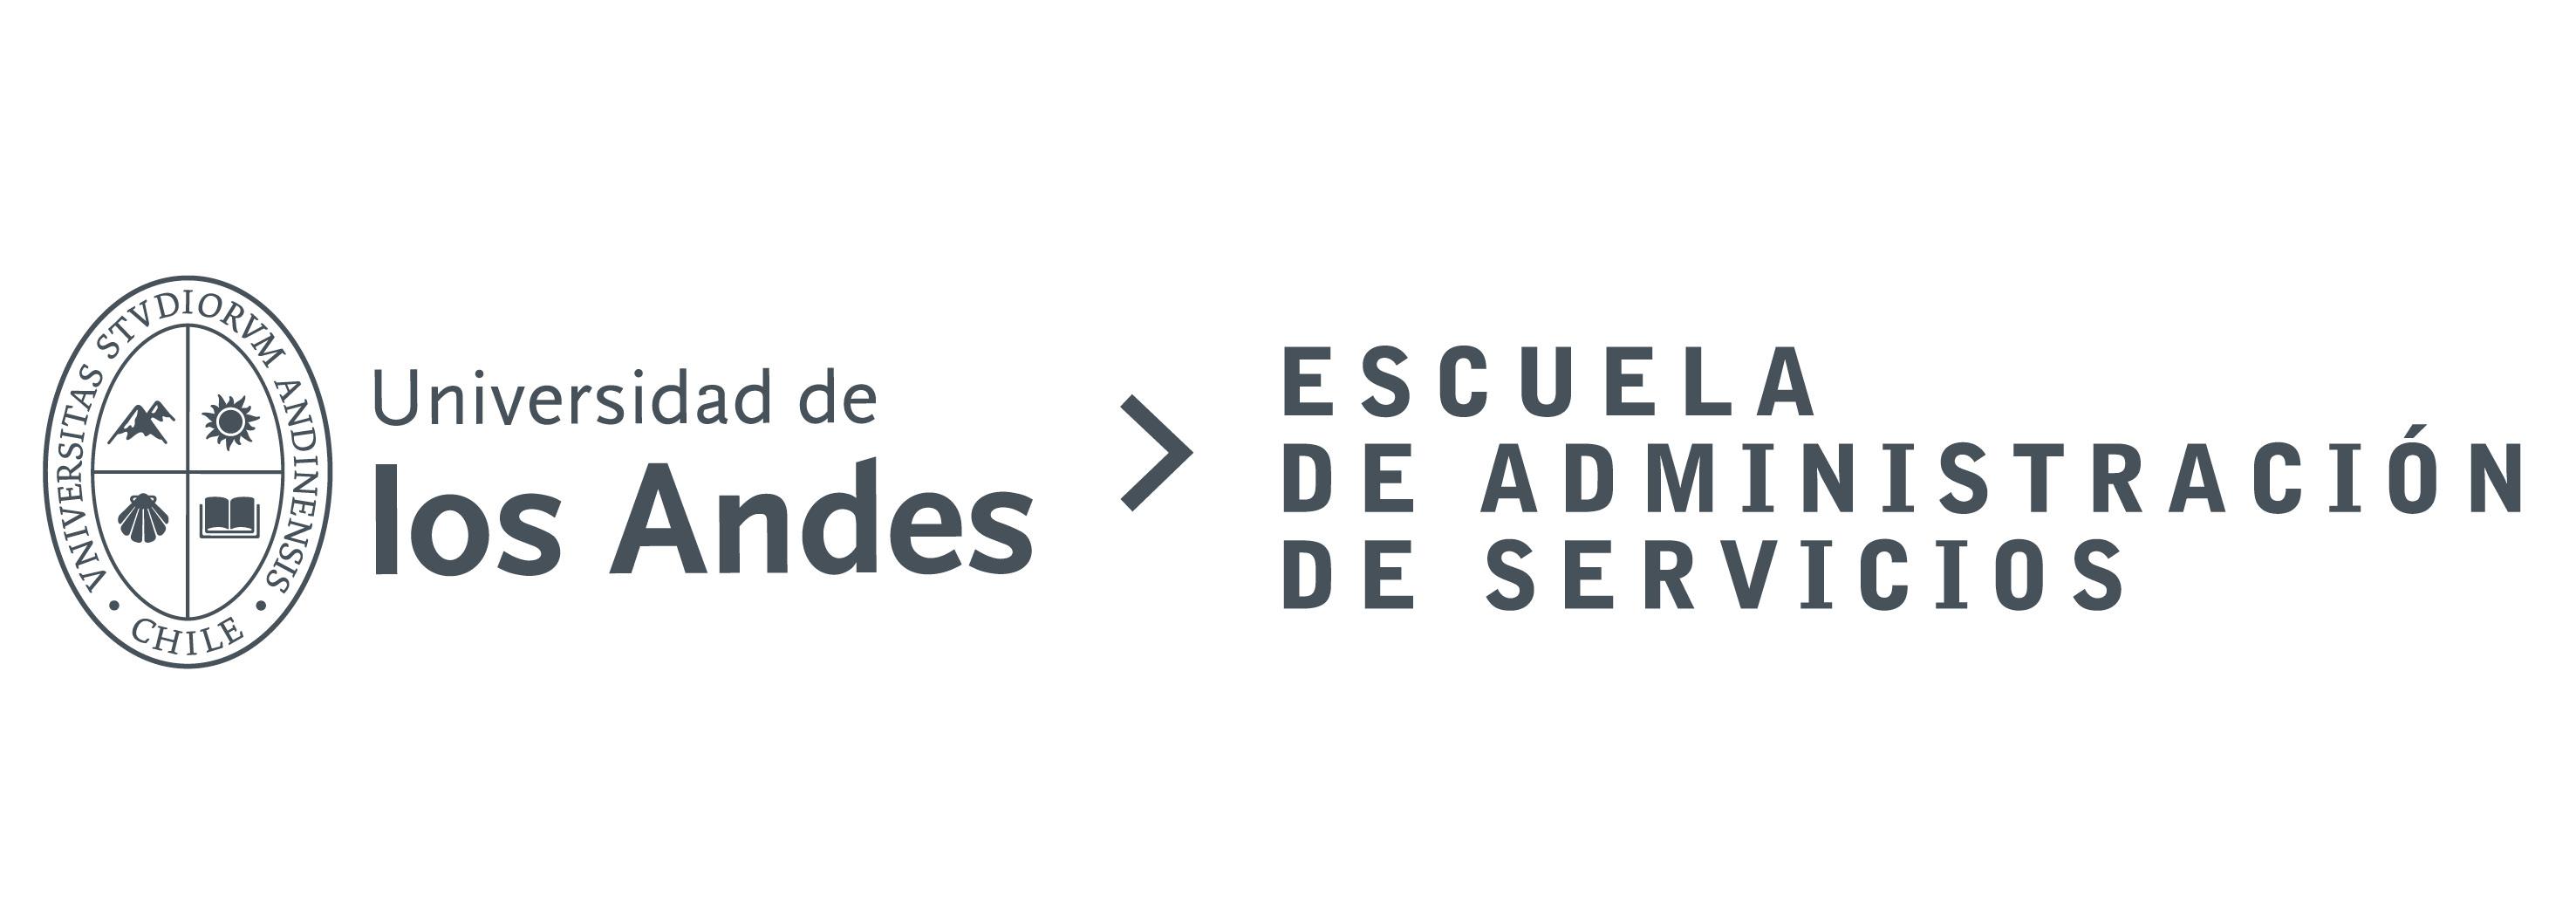 Escuela de Administración de Servicios